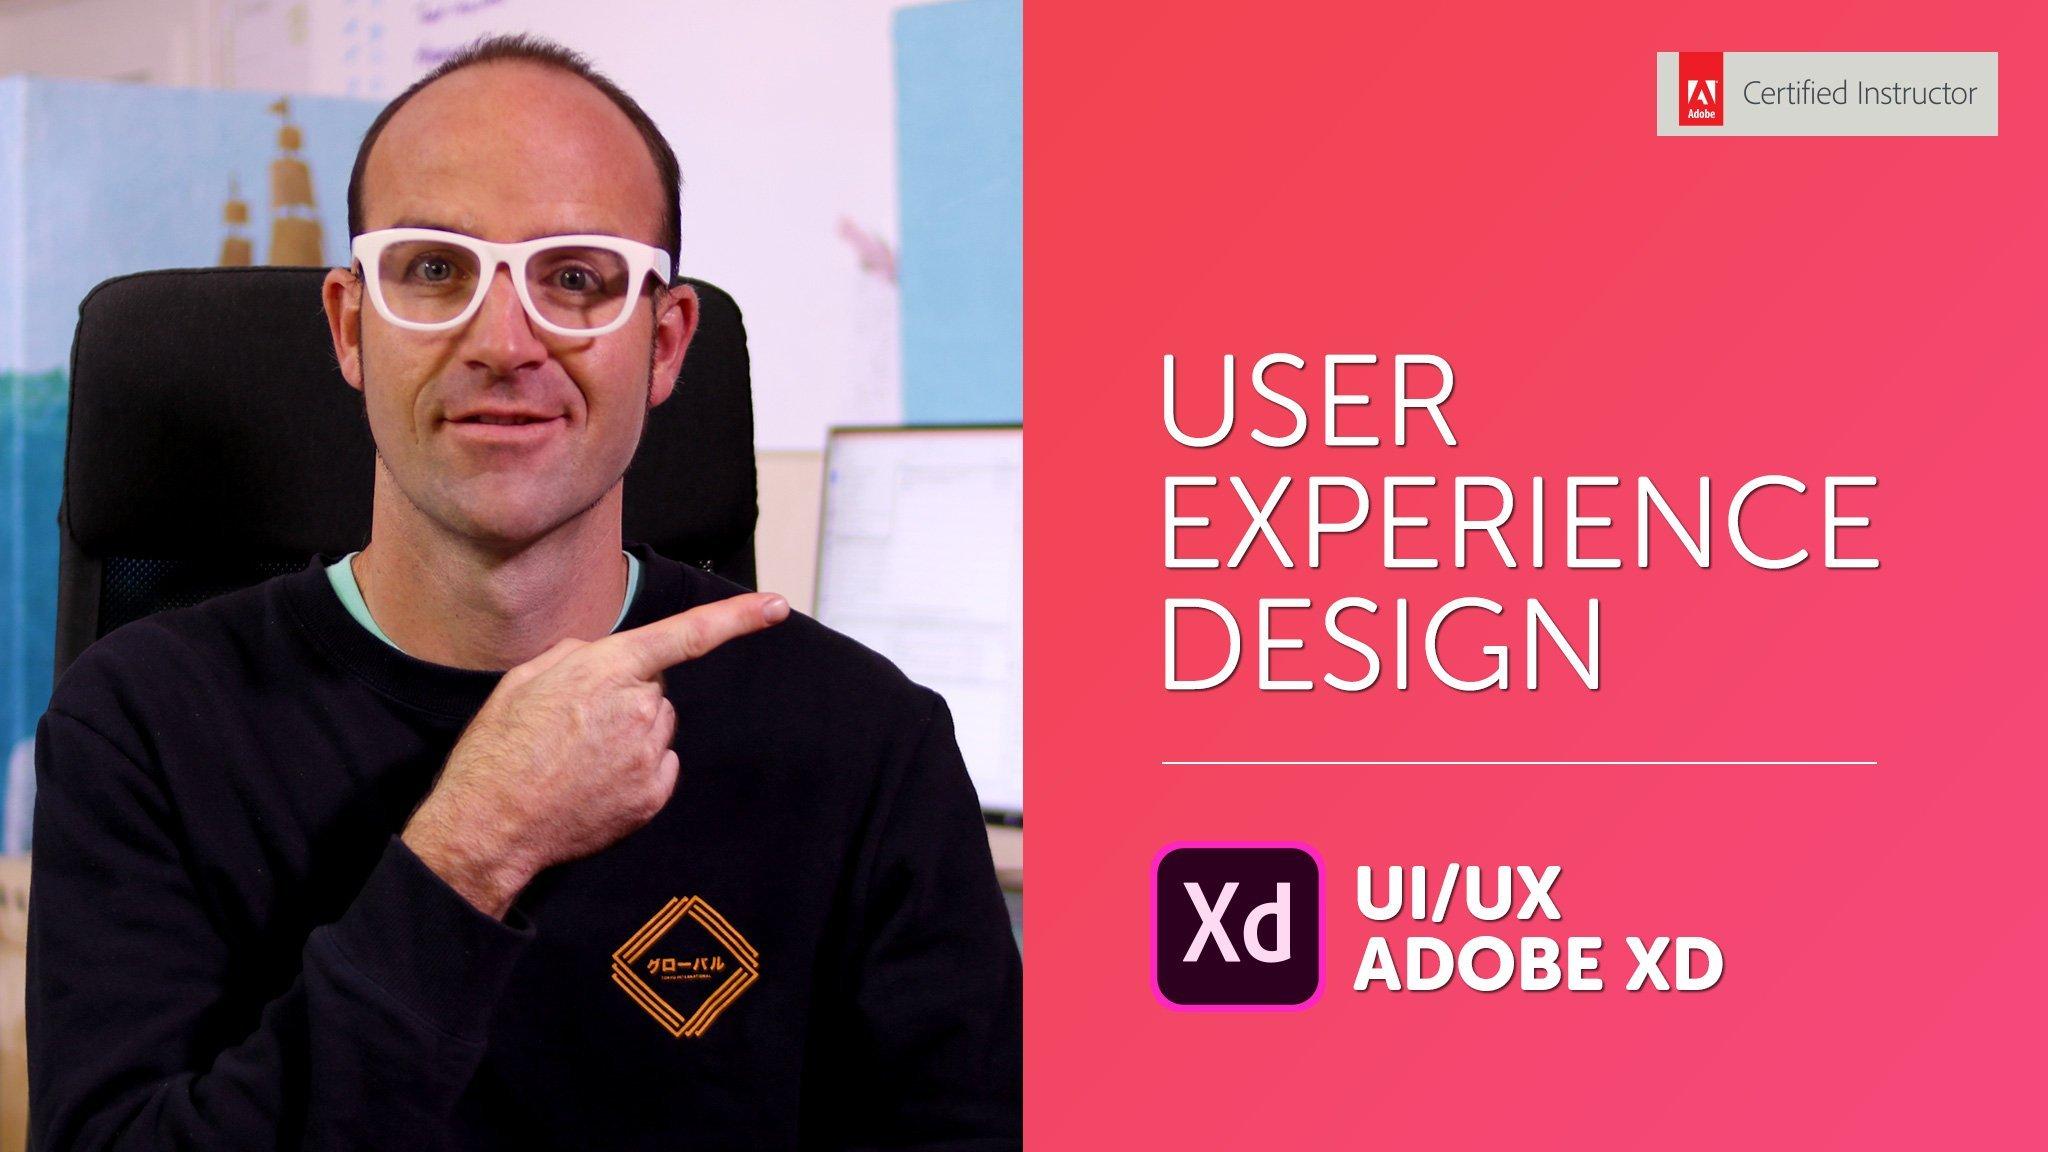 User Experience Design Essentials - Adobe XD UI UX Design